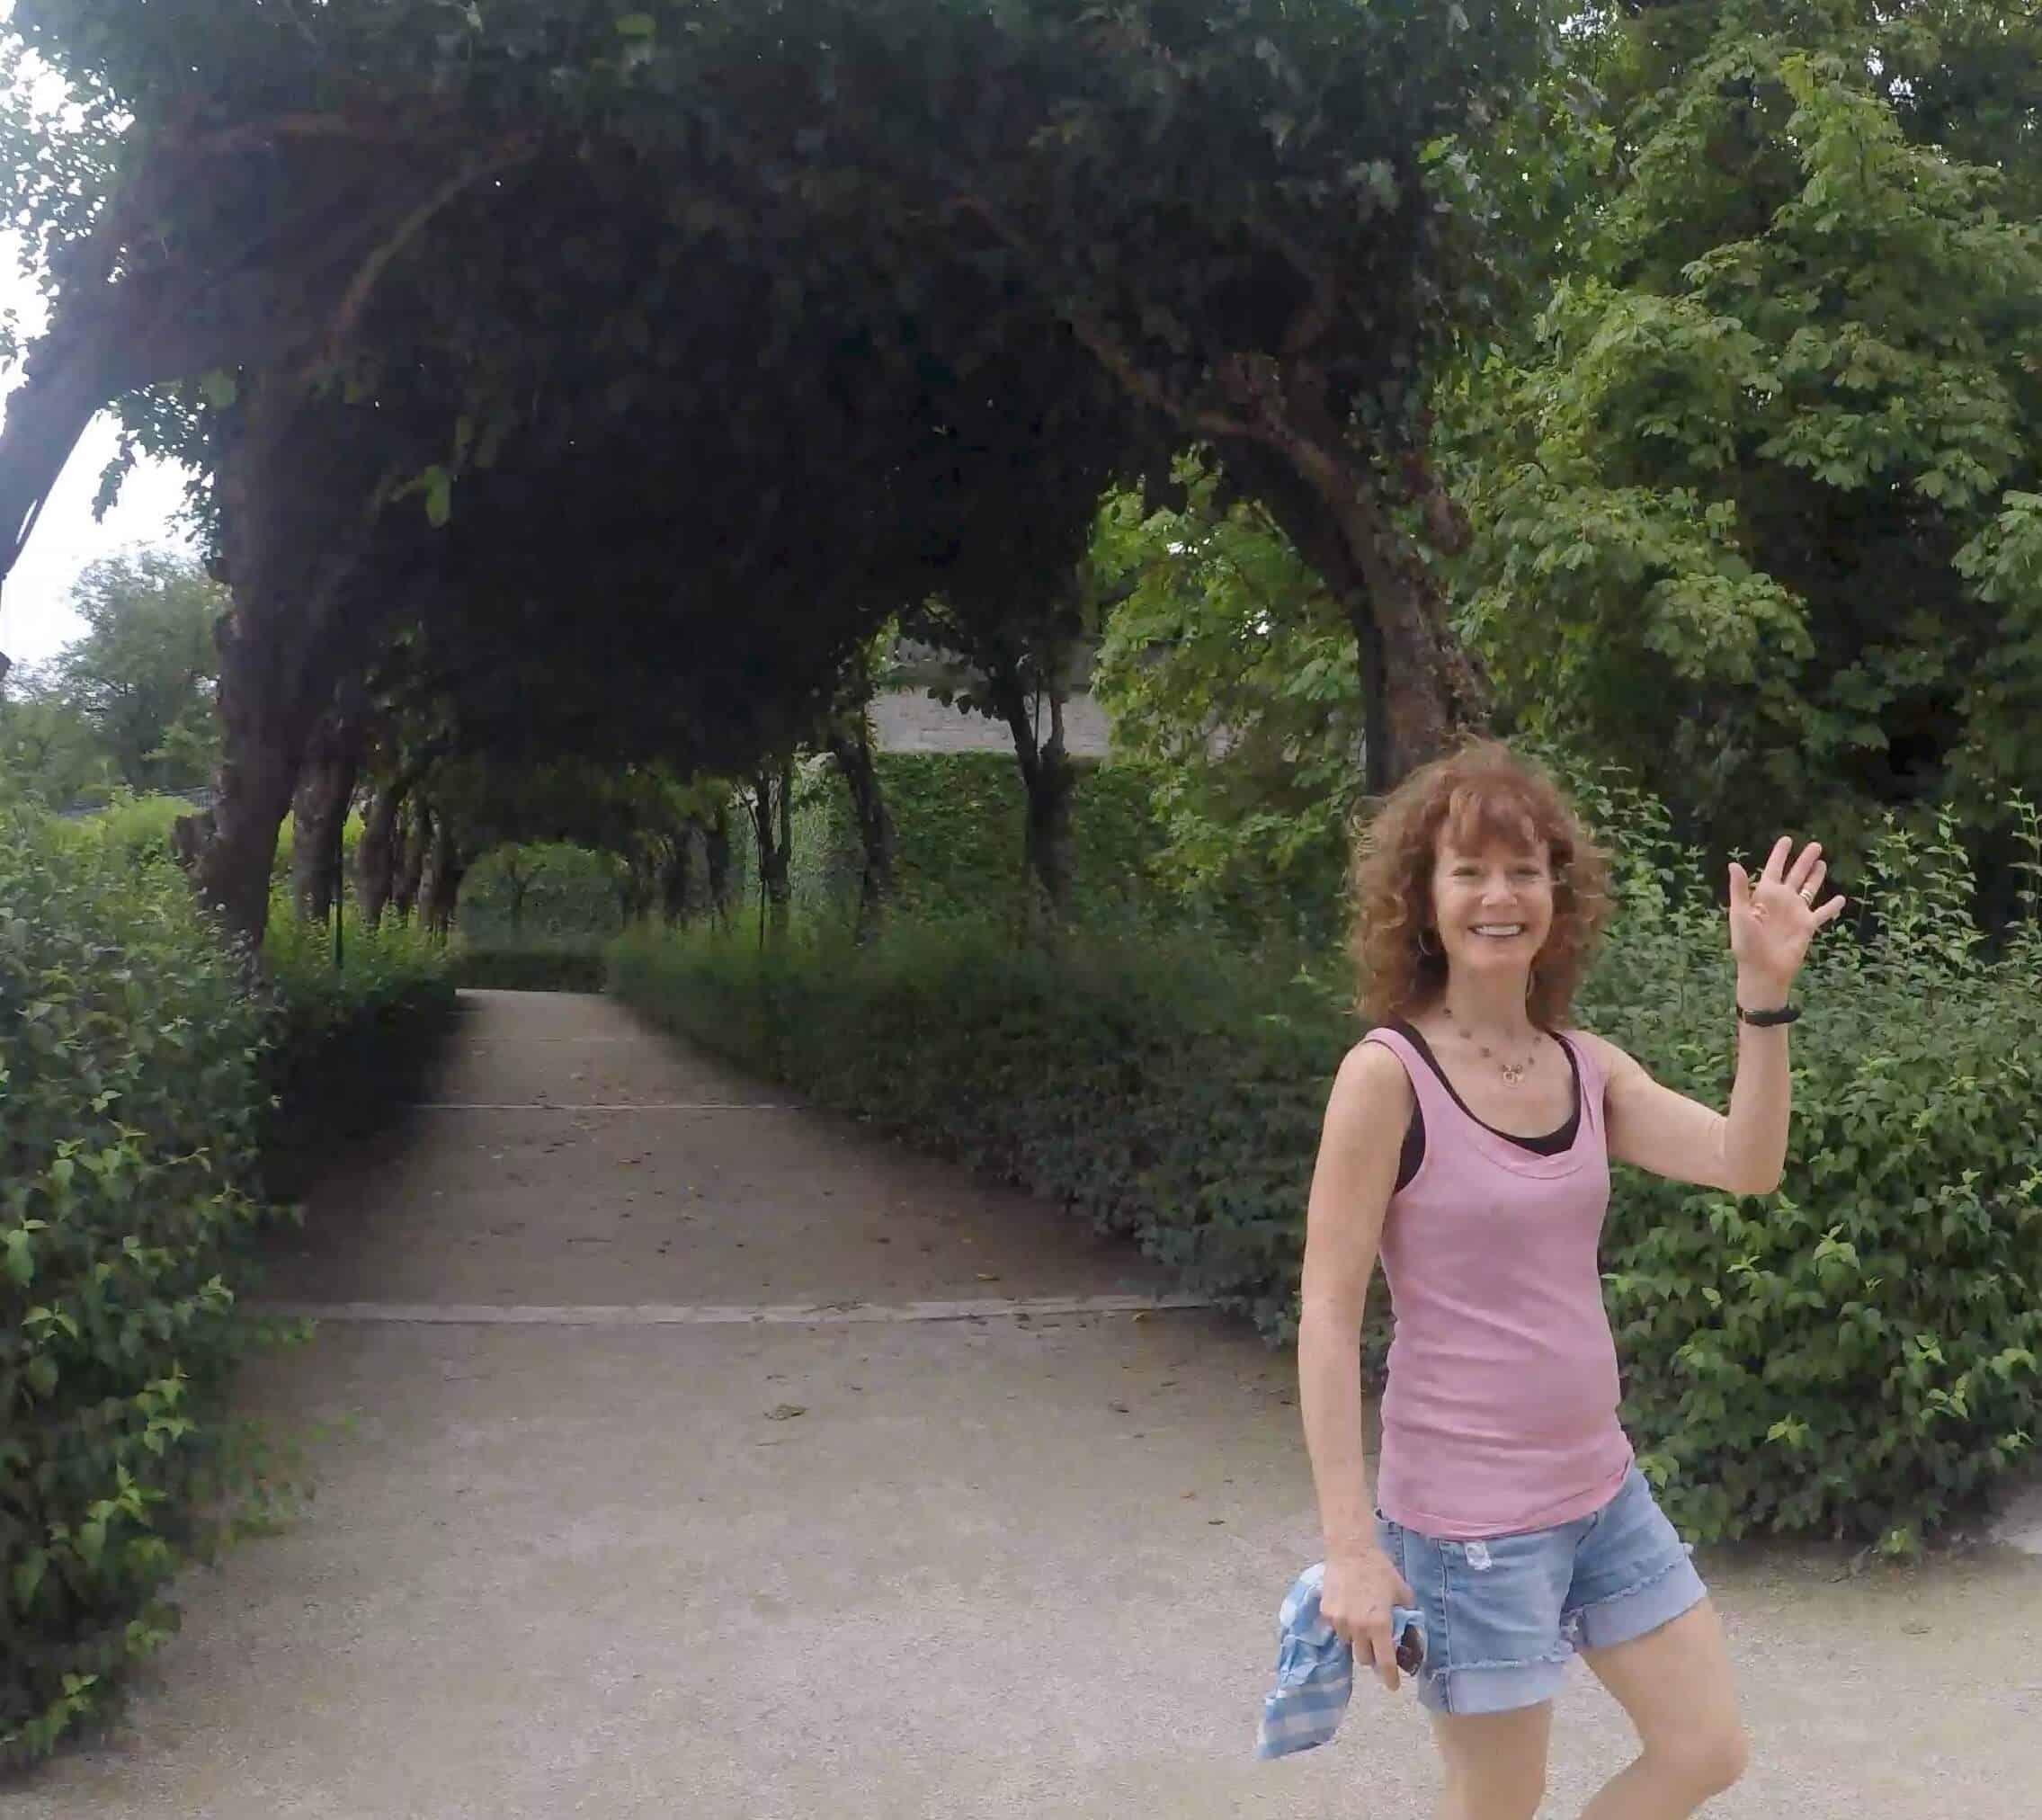 Rena waving handing while walking